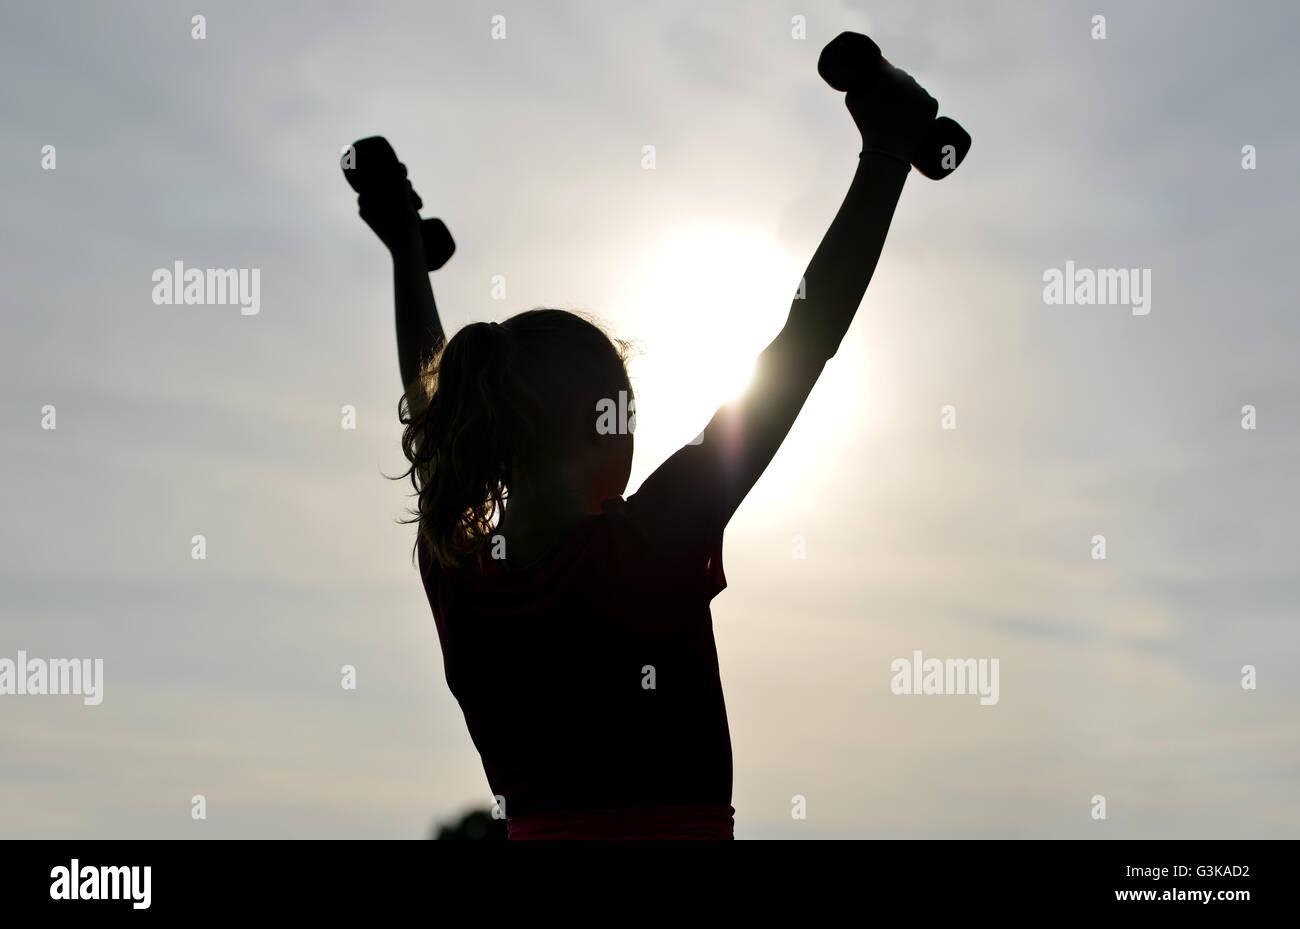 Silhouette della ragazza al di fuori esercizio Immagini Stock